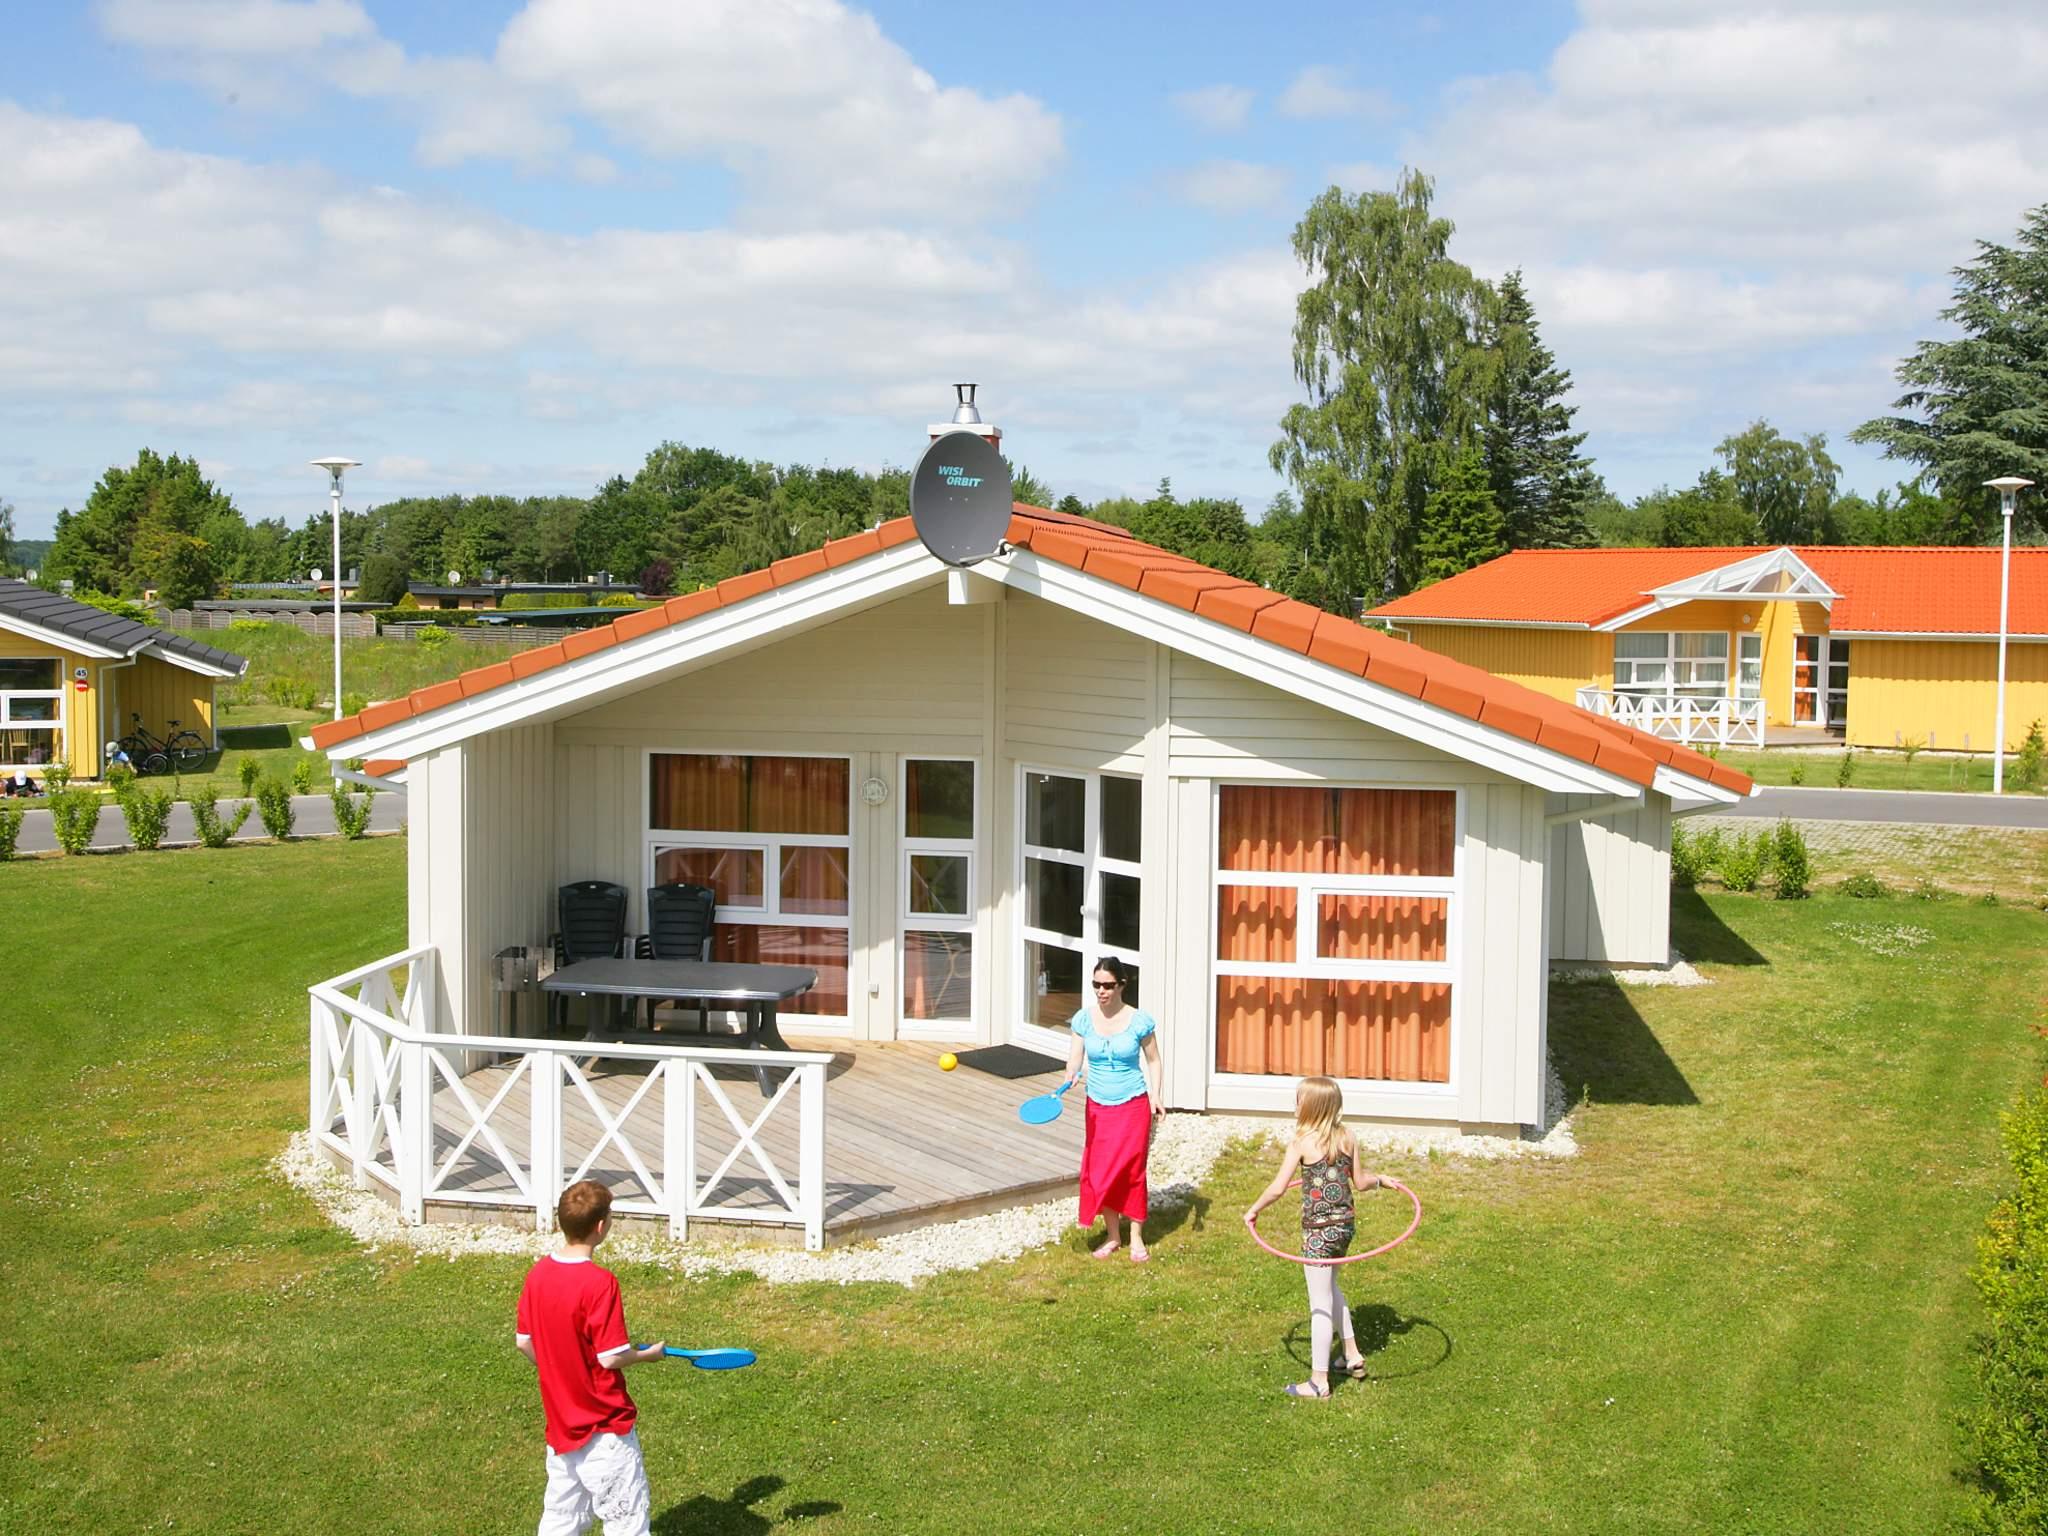 Maison de vacances Grömitz (361024), Grömitz, Baie de Lübeck, Schleswig-Holstein, Allemagne, image 13